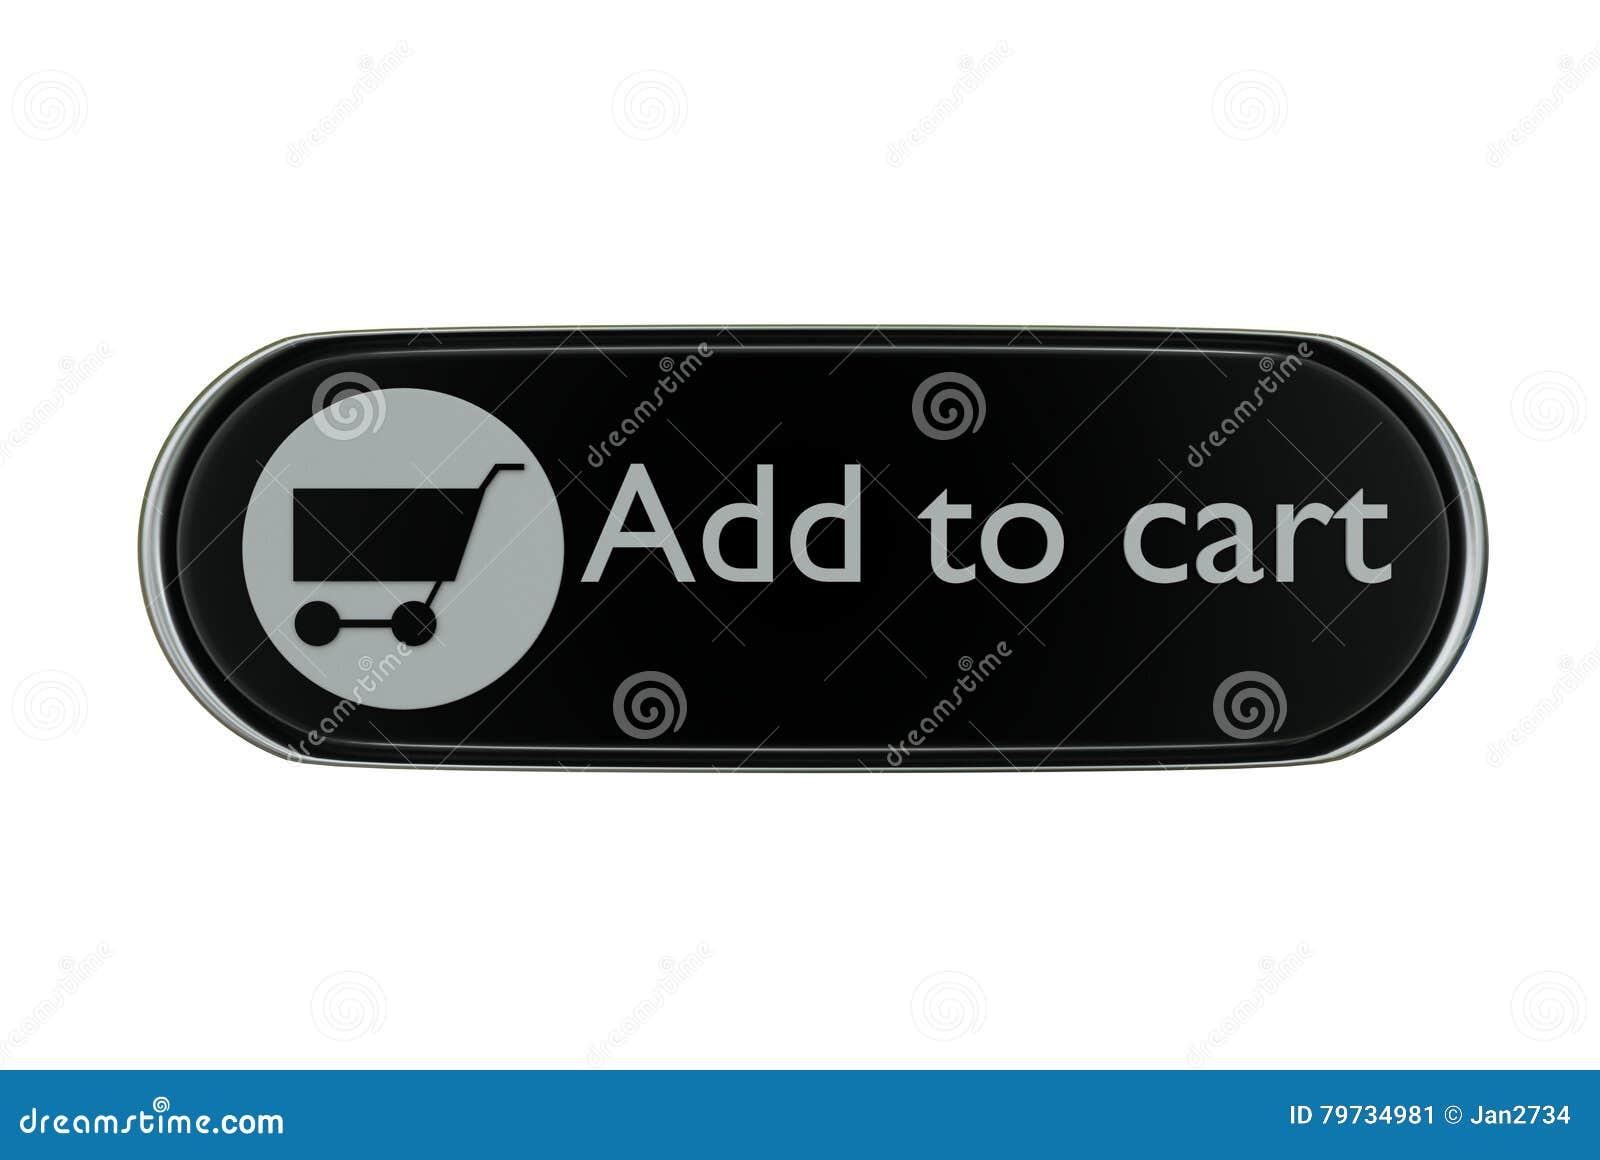 Agregue al botón del carro